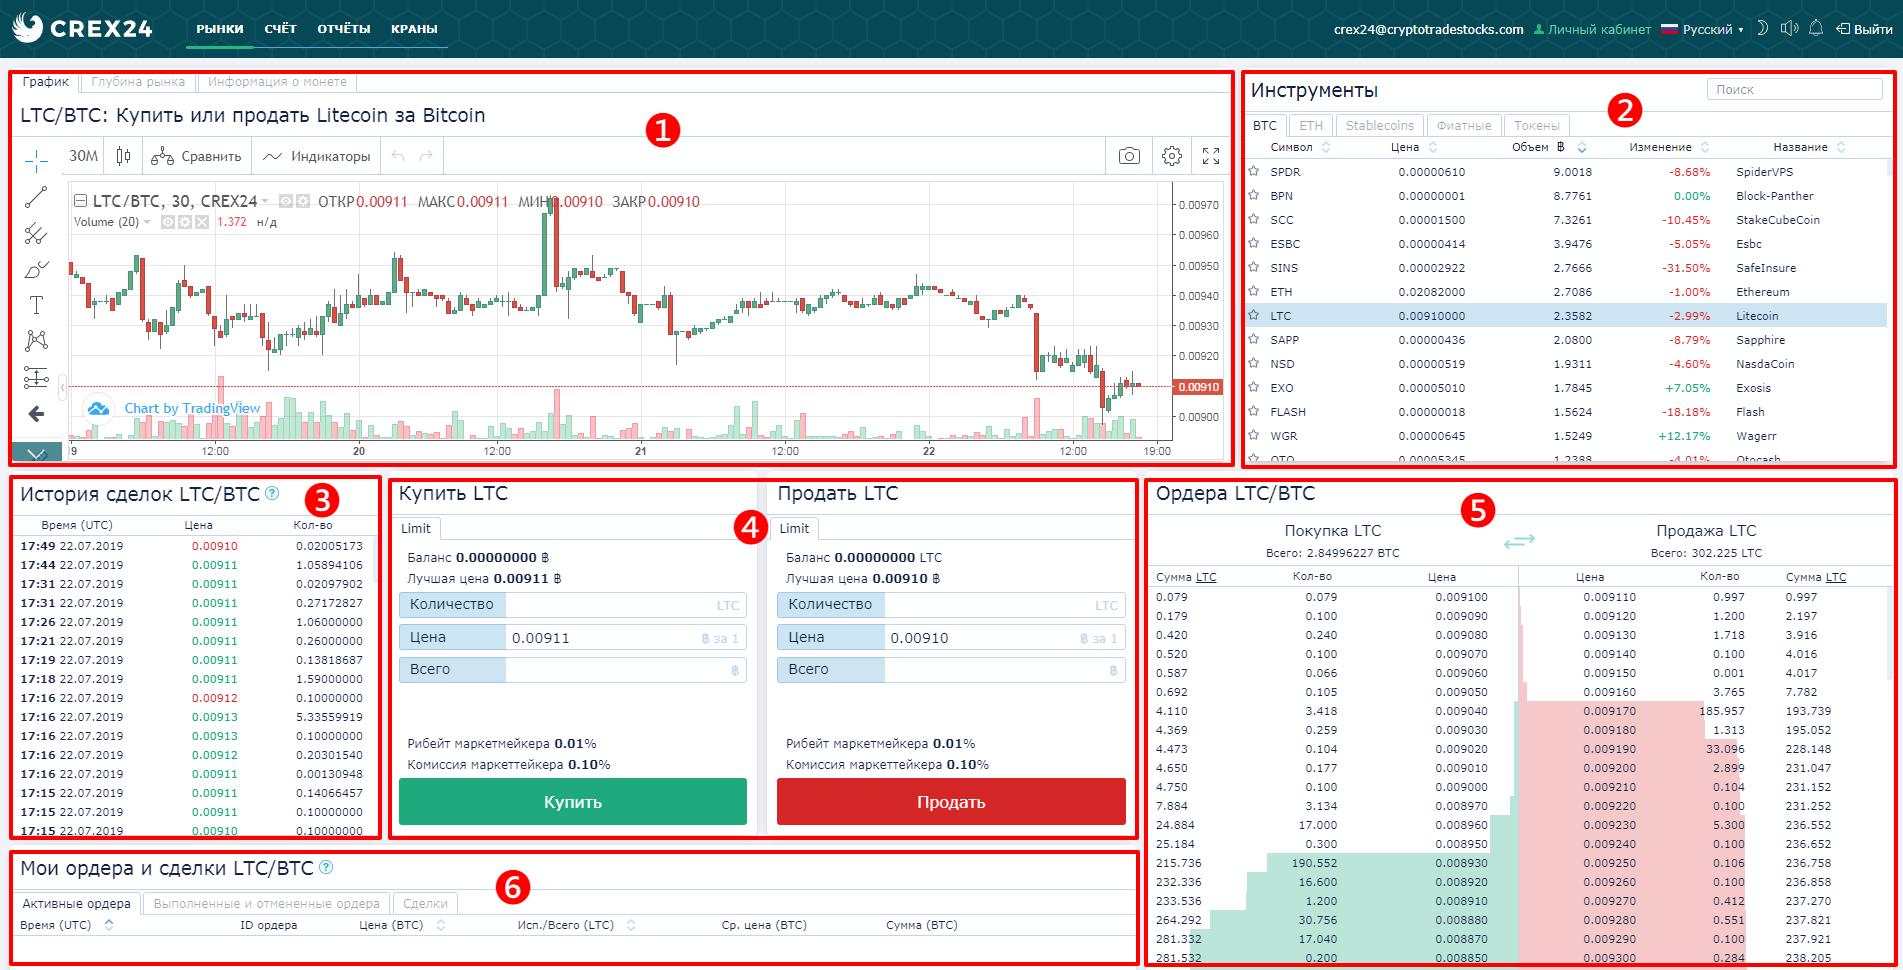 Интерфейс биржи